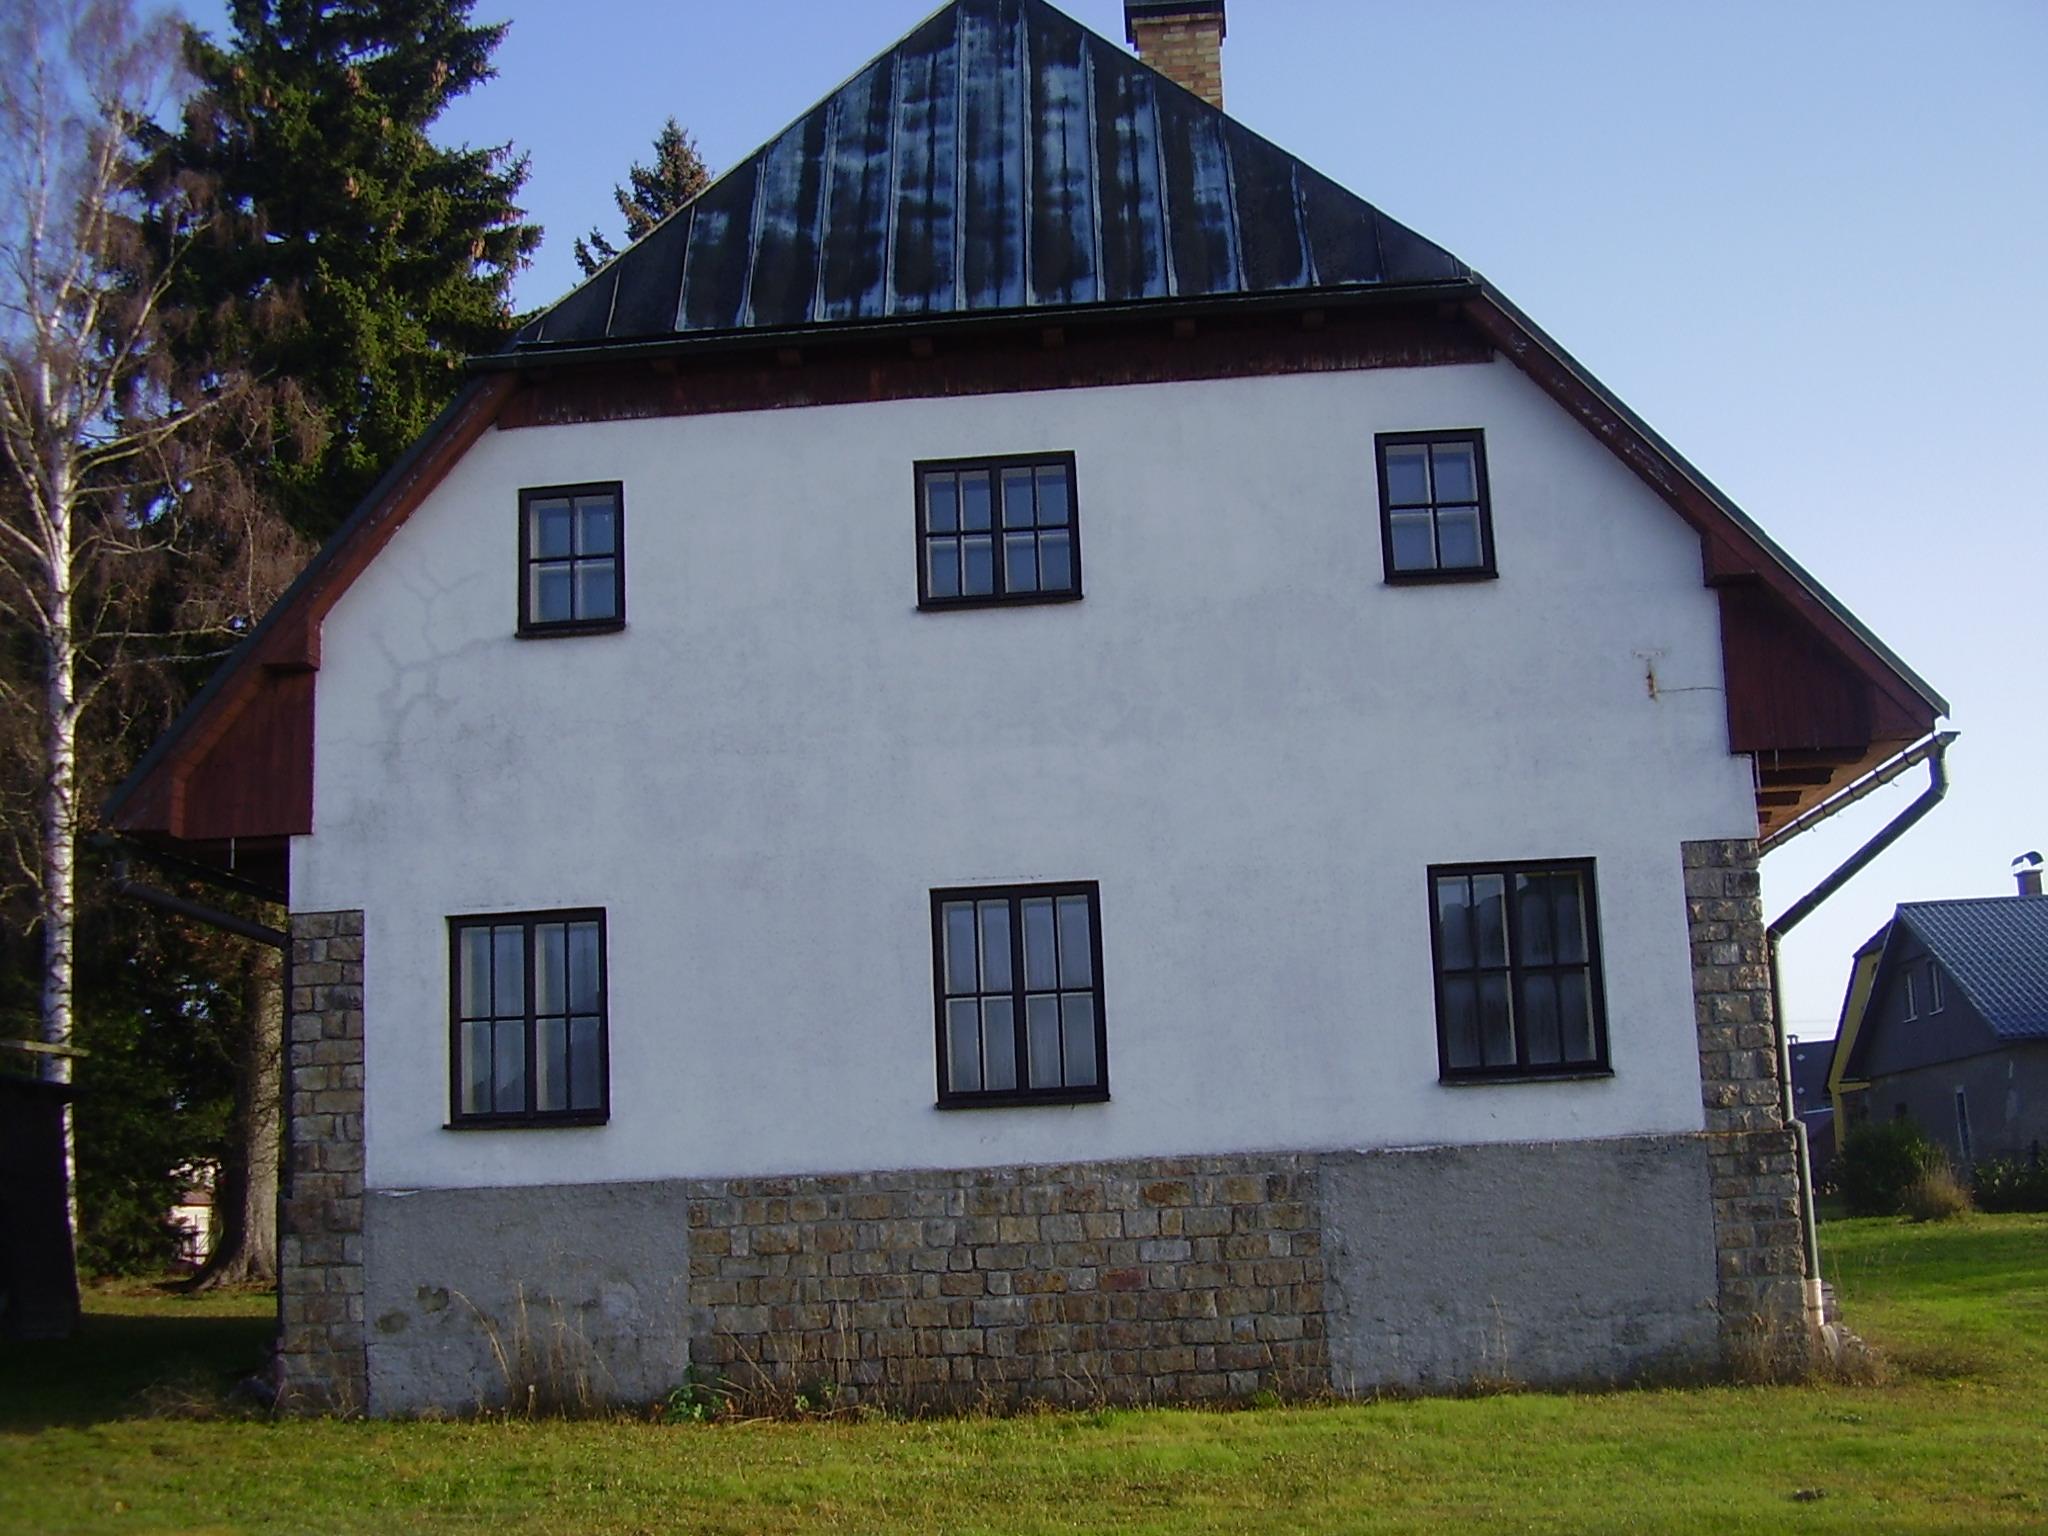 Rekonstrukce domu Vysoké nad Jizeroupřed